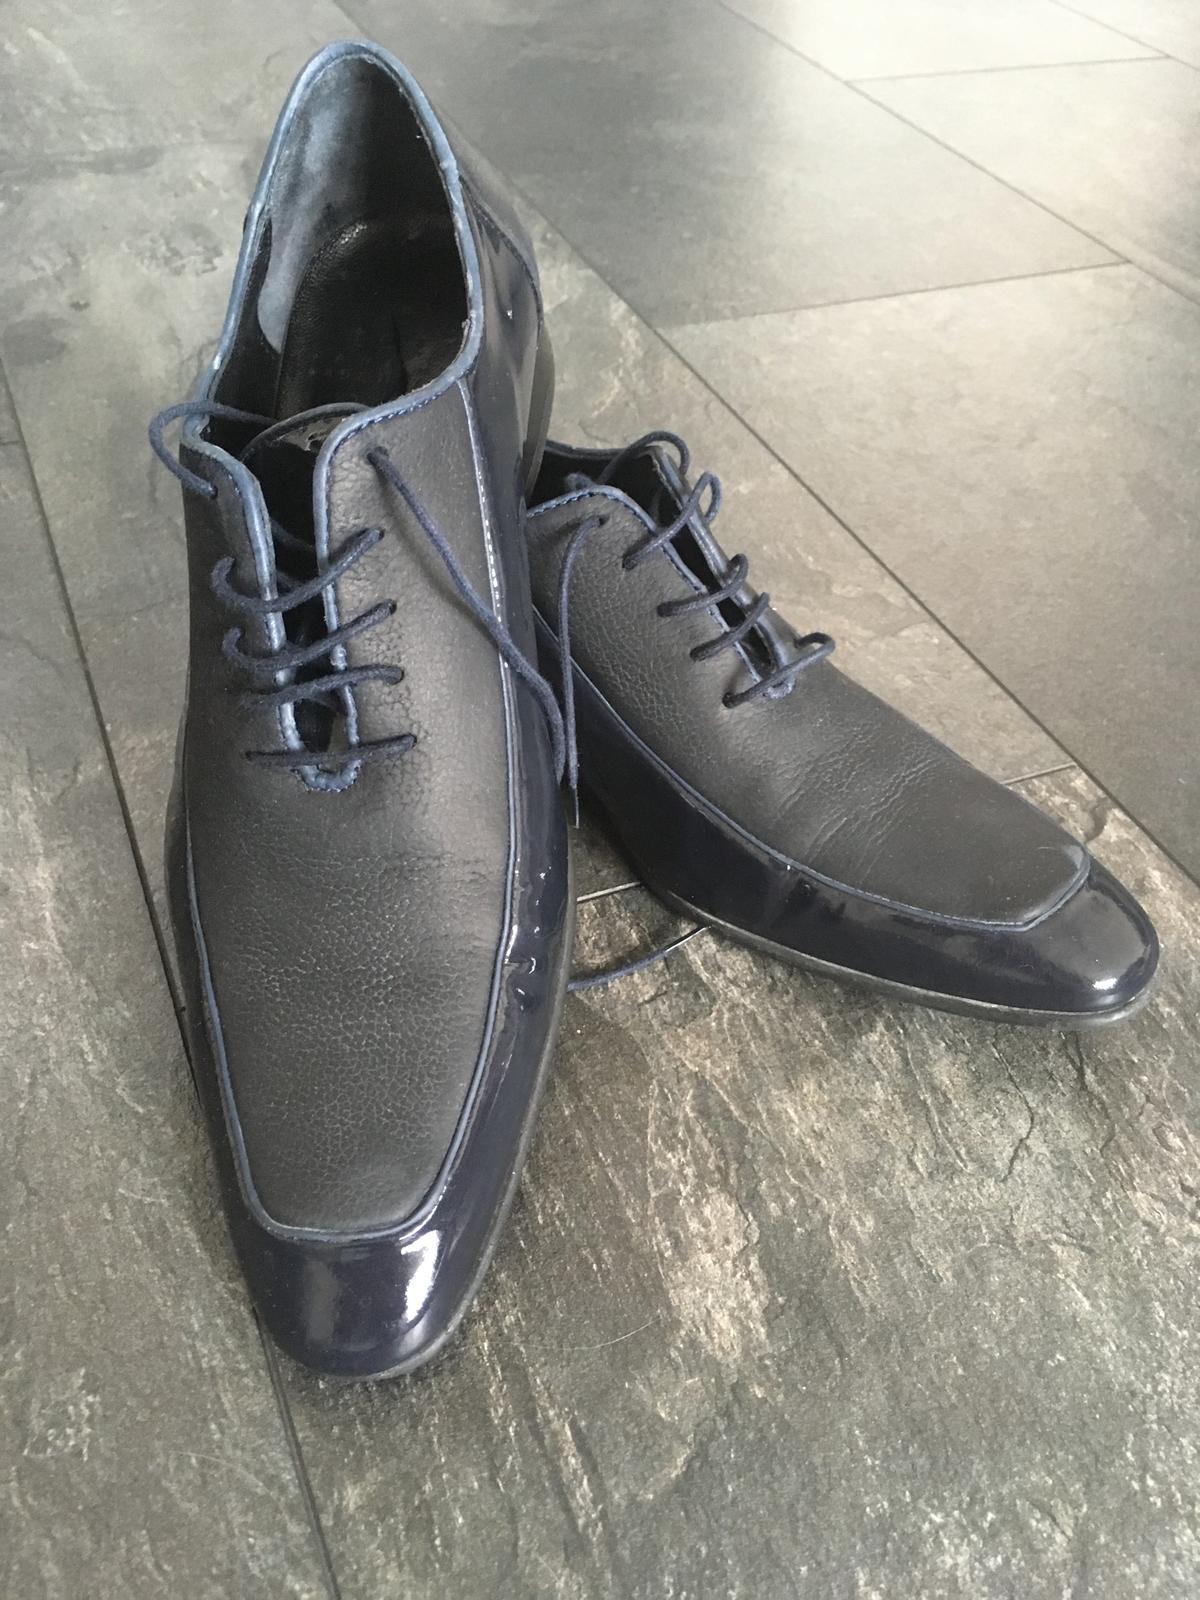 b49e09620d40 Spolocenske panske topánky + opasok